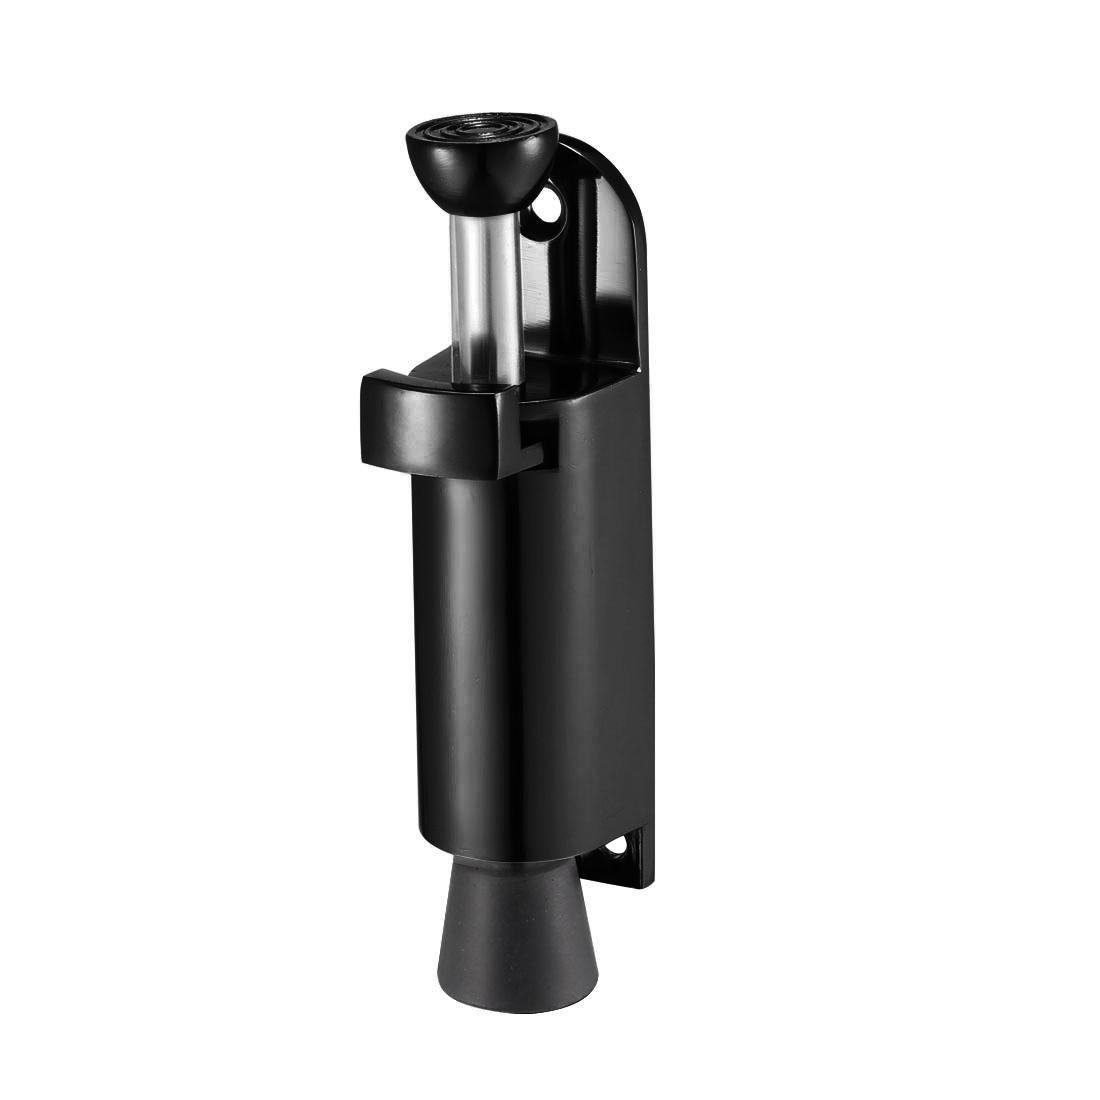 Kickdown Door Stopper Spring Load Foot Pedal Door Stops Holder 112mmL Black